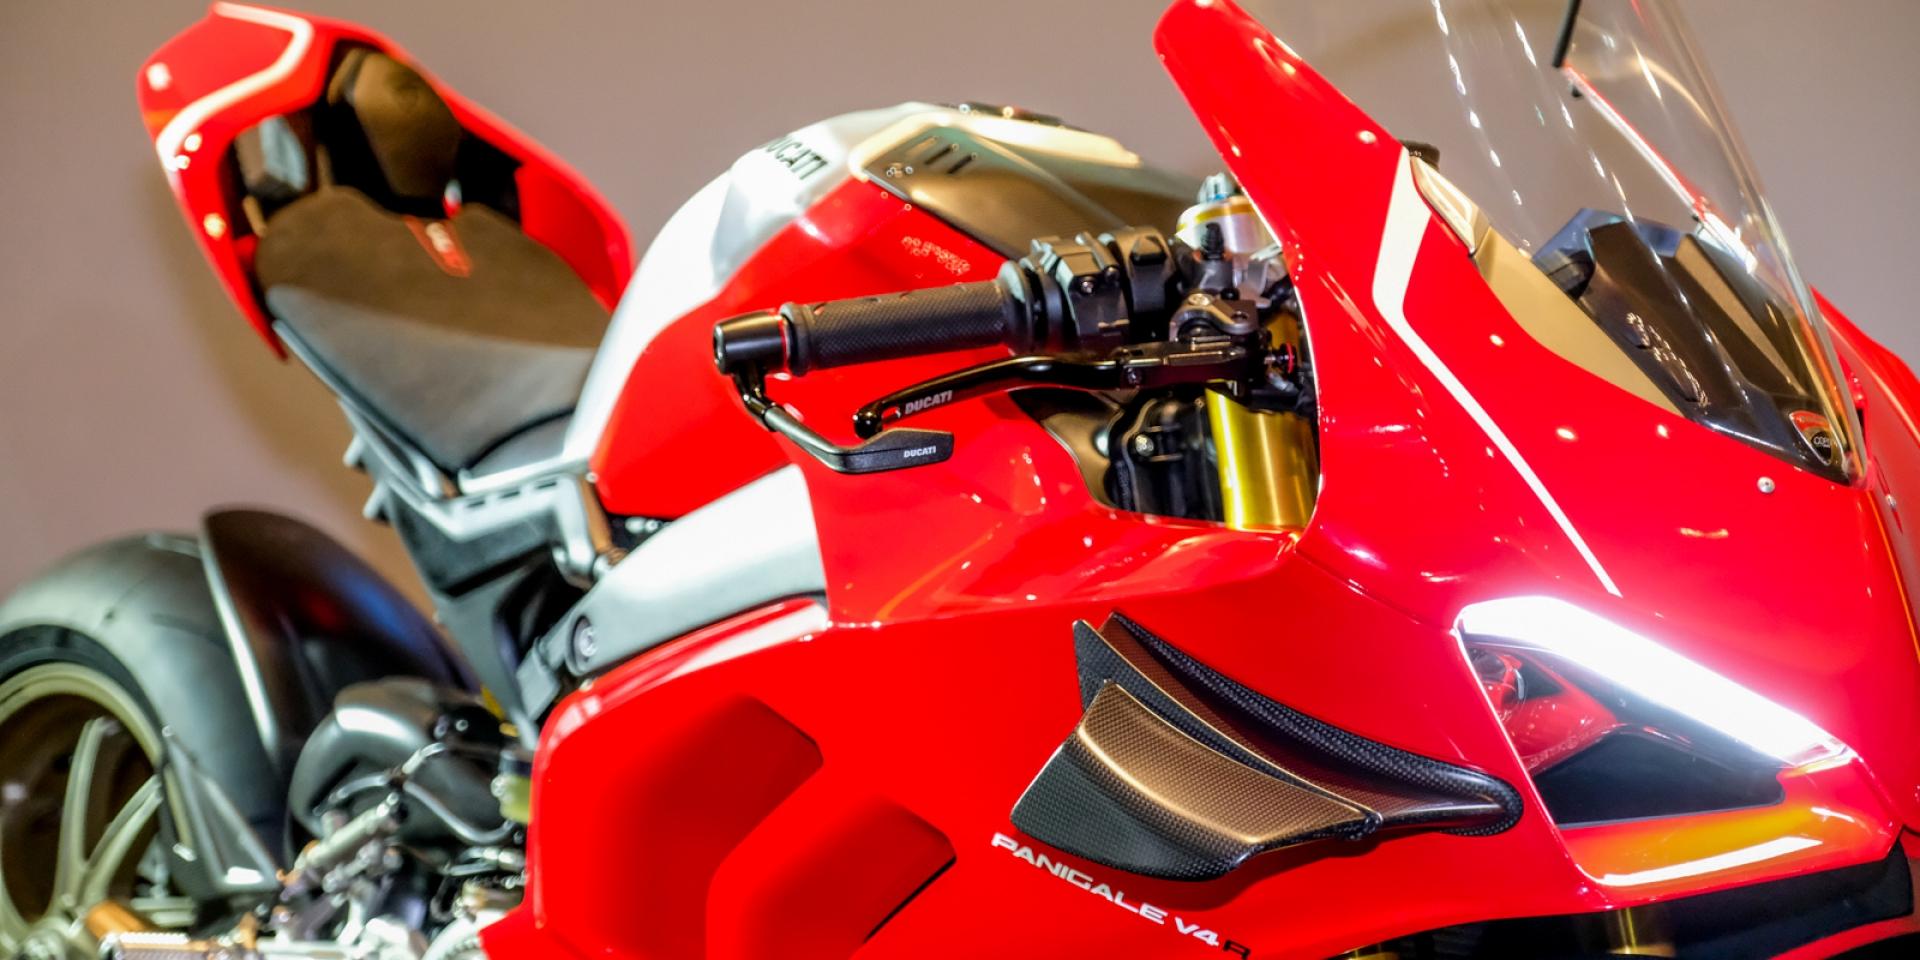 售價超過200萬 來自MotoGP的賽道結晶!Ducati Panigale V4 R交車記者會